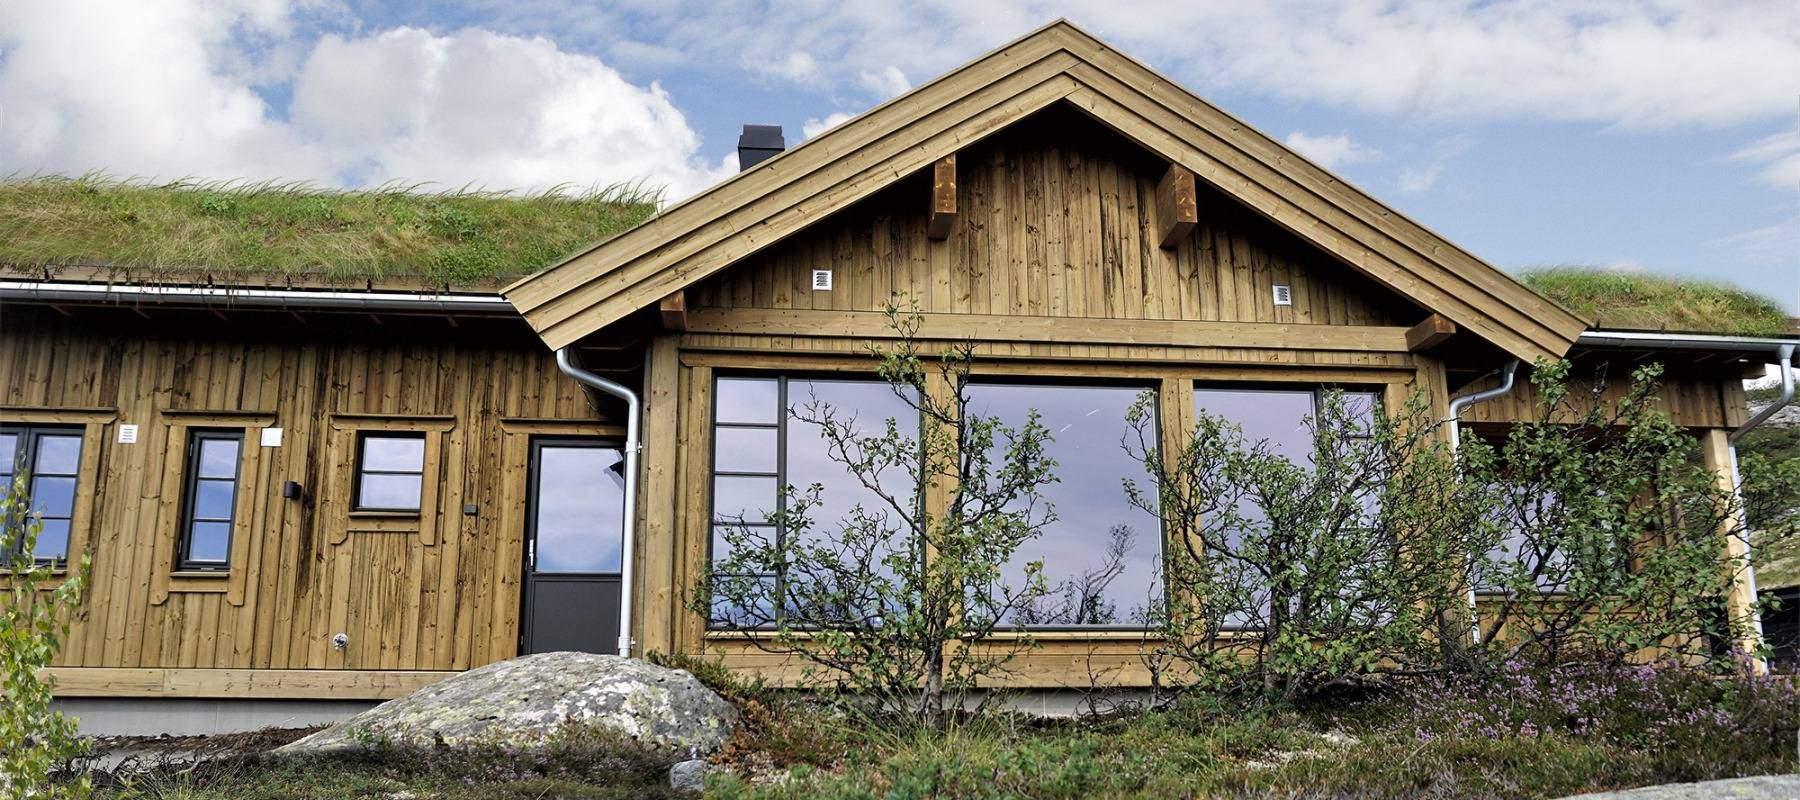 22 Hyttemodell Høgevarde 127. Soverom, bad og badstue med vindu mot utsikten